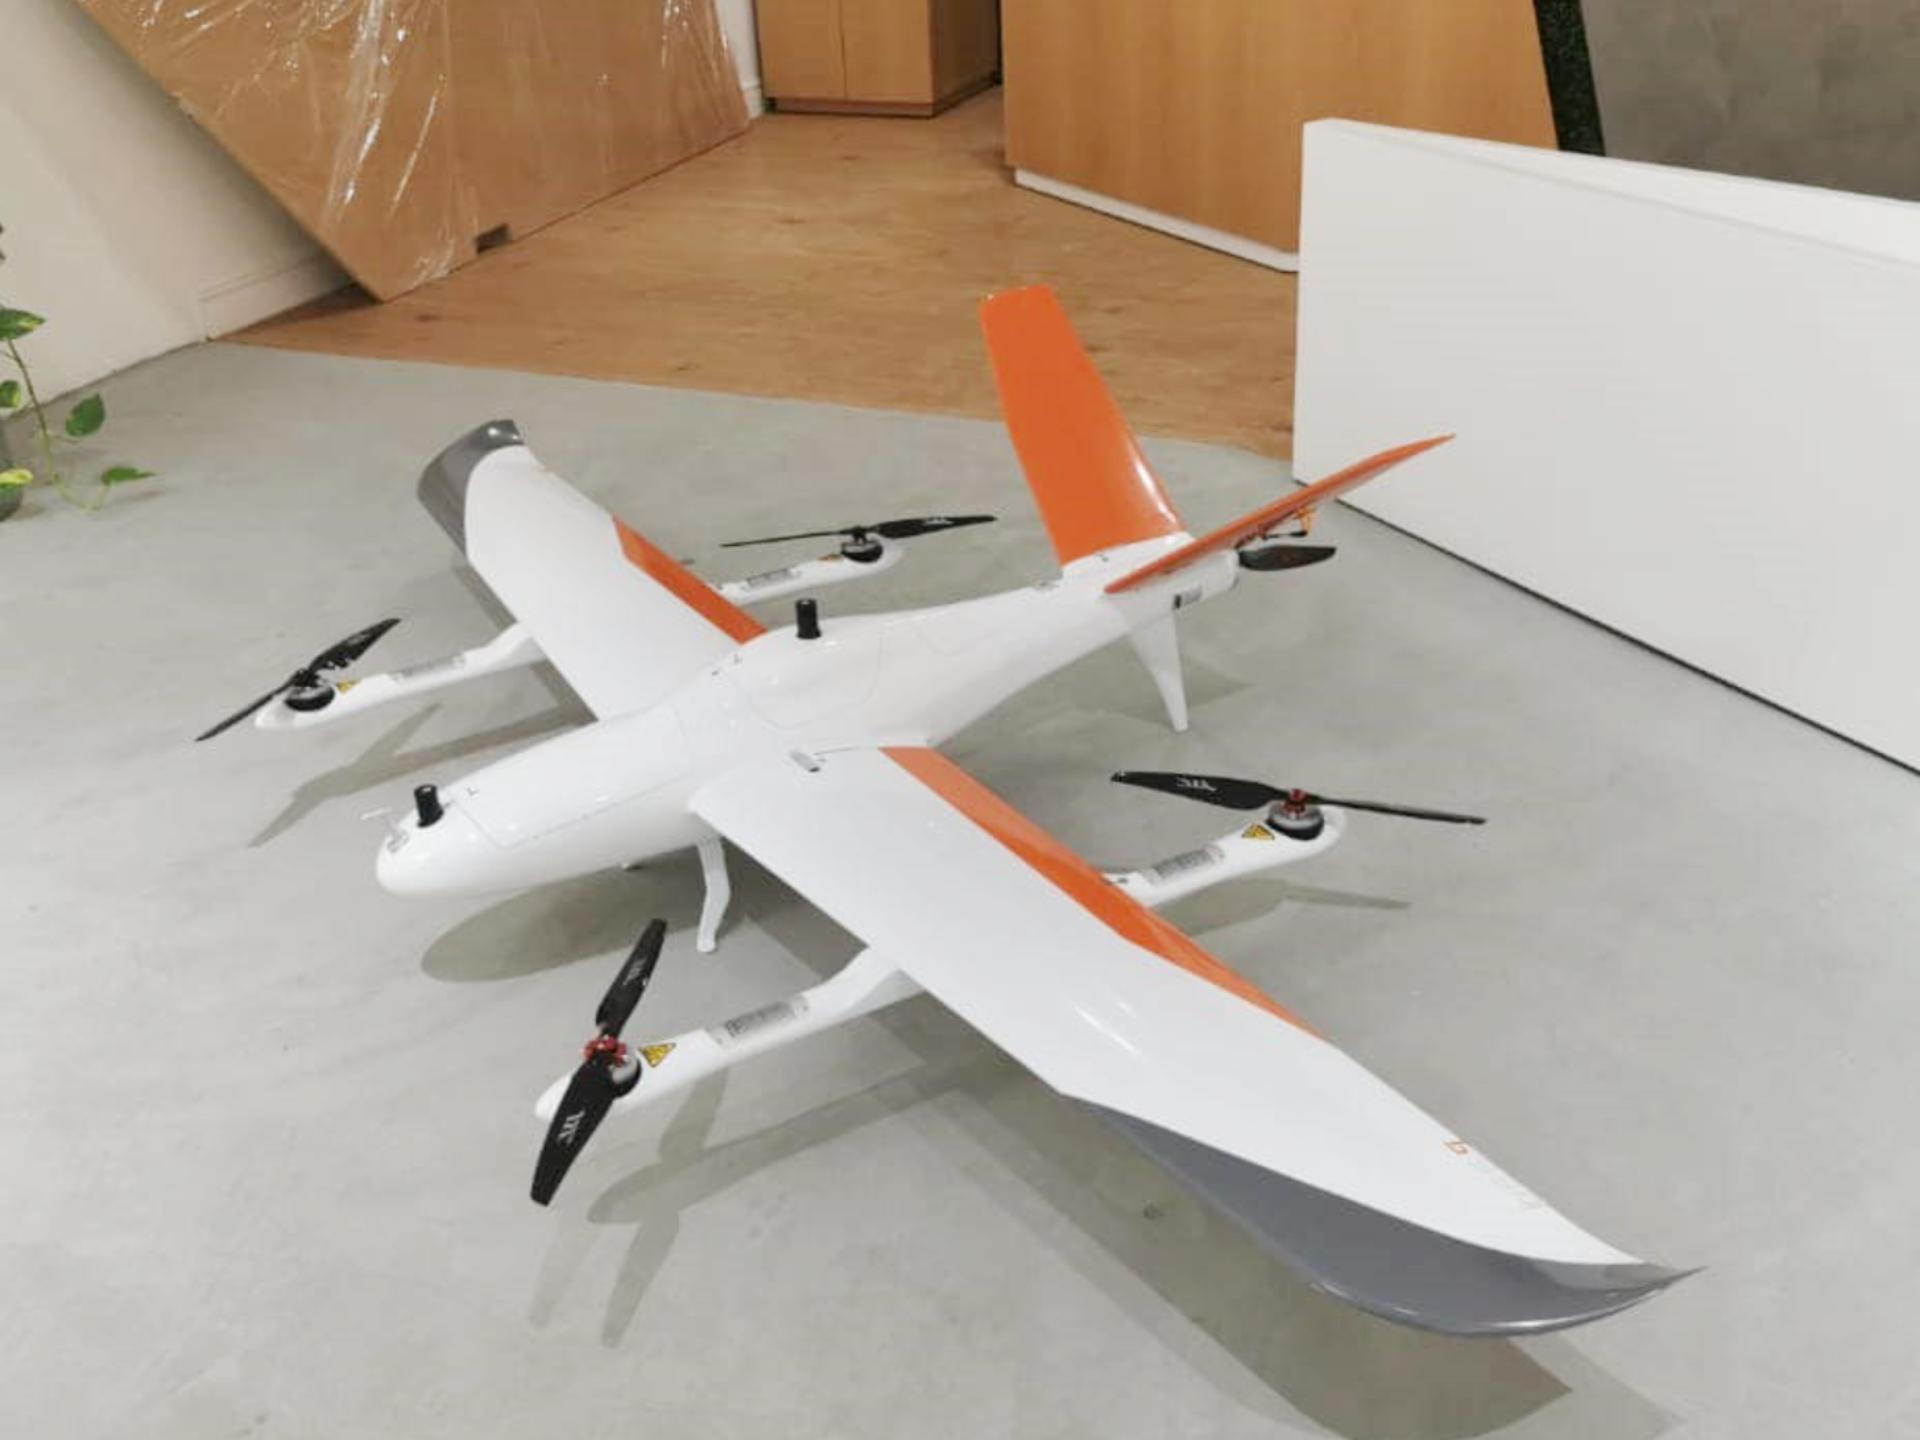 10 LƯU Ý KHI ĐIỀU KHIỂN DRONE AN TOÀN 4